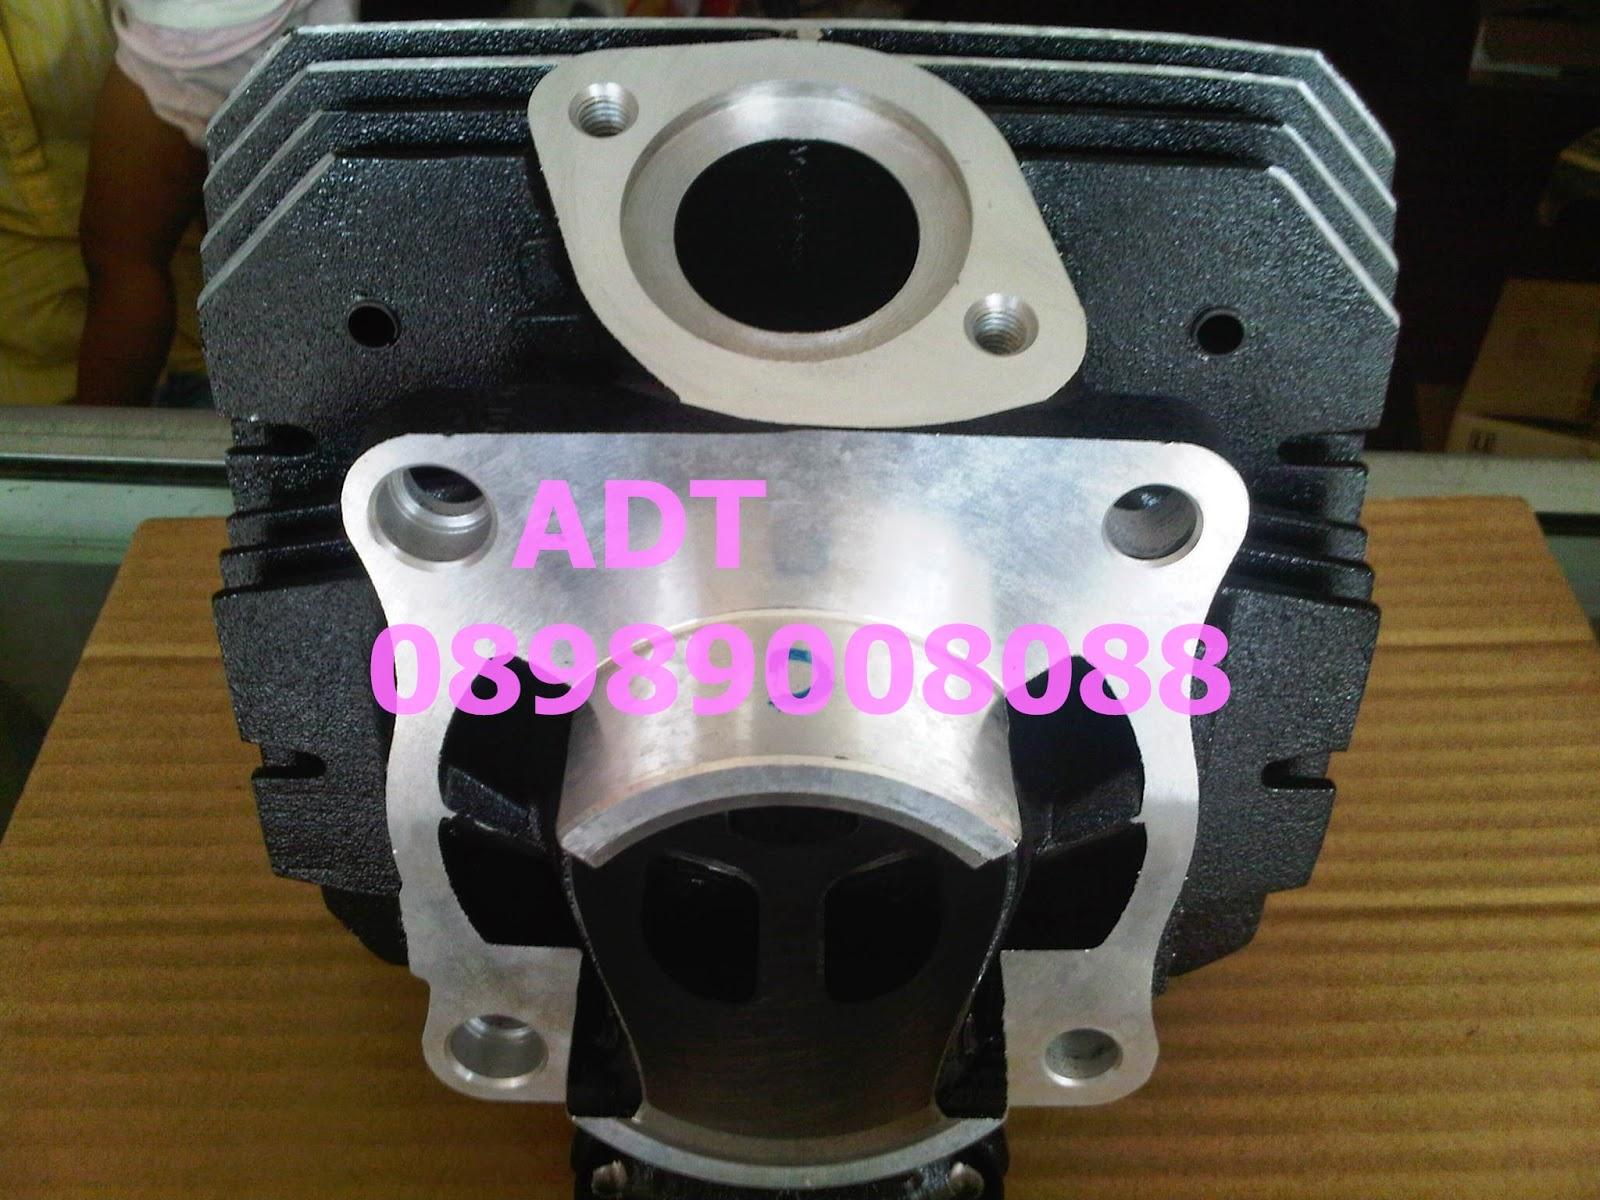 adtracing // spare parts motor cbu dan part racing drag bike